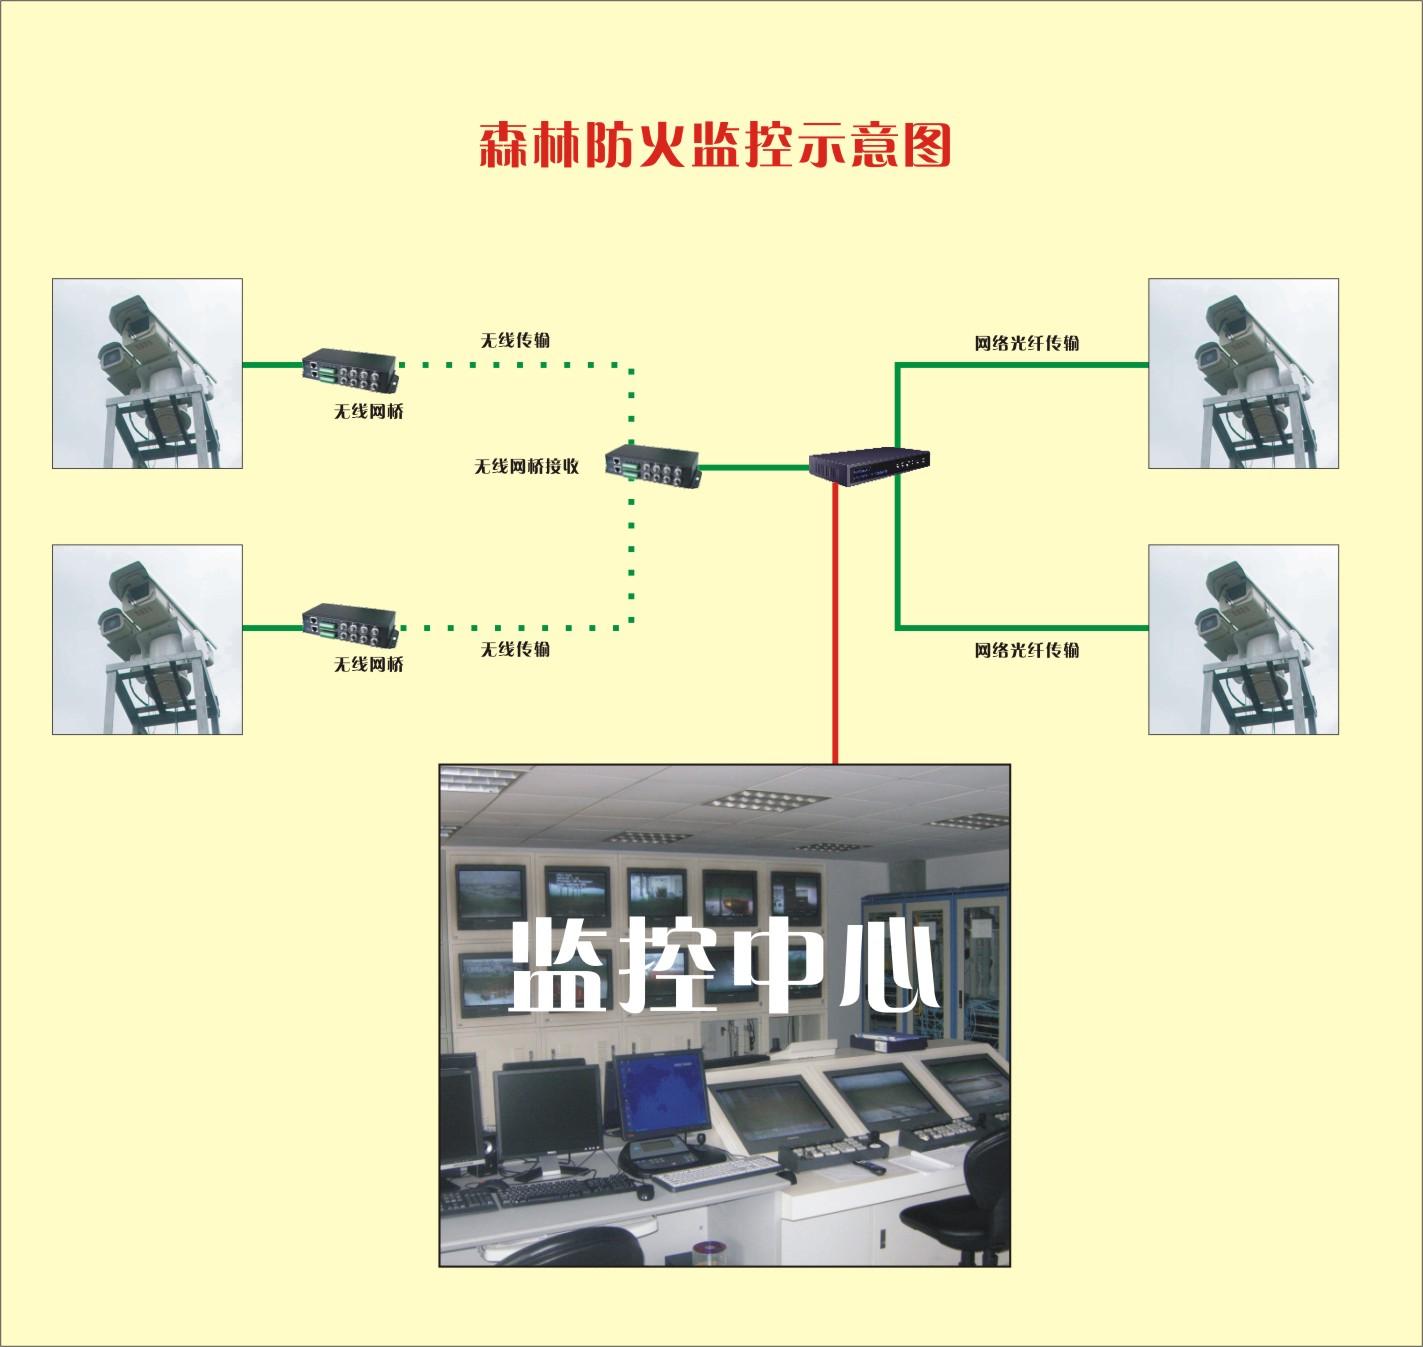 """系统可实现方案: """"Thermo红外热成像网络监控智能预警系统""""可实现以下三种监控模式: 1. 林区监控(适合单个林区使用):监控人员通过监控计算机连接森林防火局域网或森林防火系统广域网来对林区的红外监测器进行24小时自动实时监测和控制。 2. 区域监控中心(适合地市局对所辖多个林区同时监控):监控人员通过区域监控中心对森林红外防火监测器进行24小时监控。区域监控中心主要由监控服务器、监控数据库、海量数据存储设备、监控计算机等组成。一个区域监控中心可同时对多个林区的红外监测器进行"""